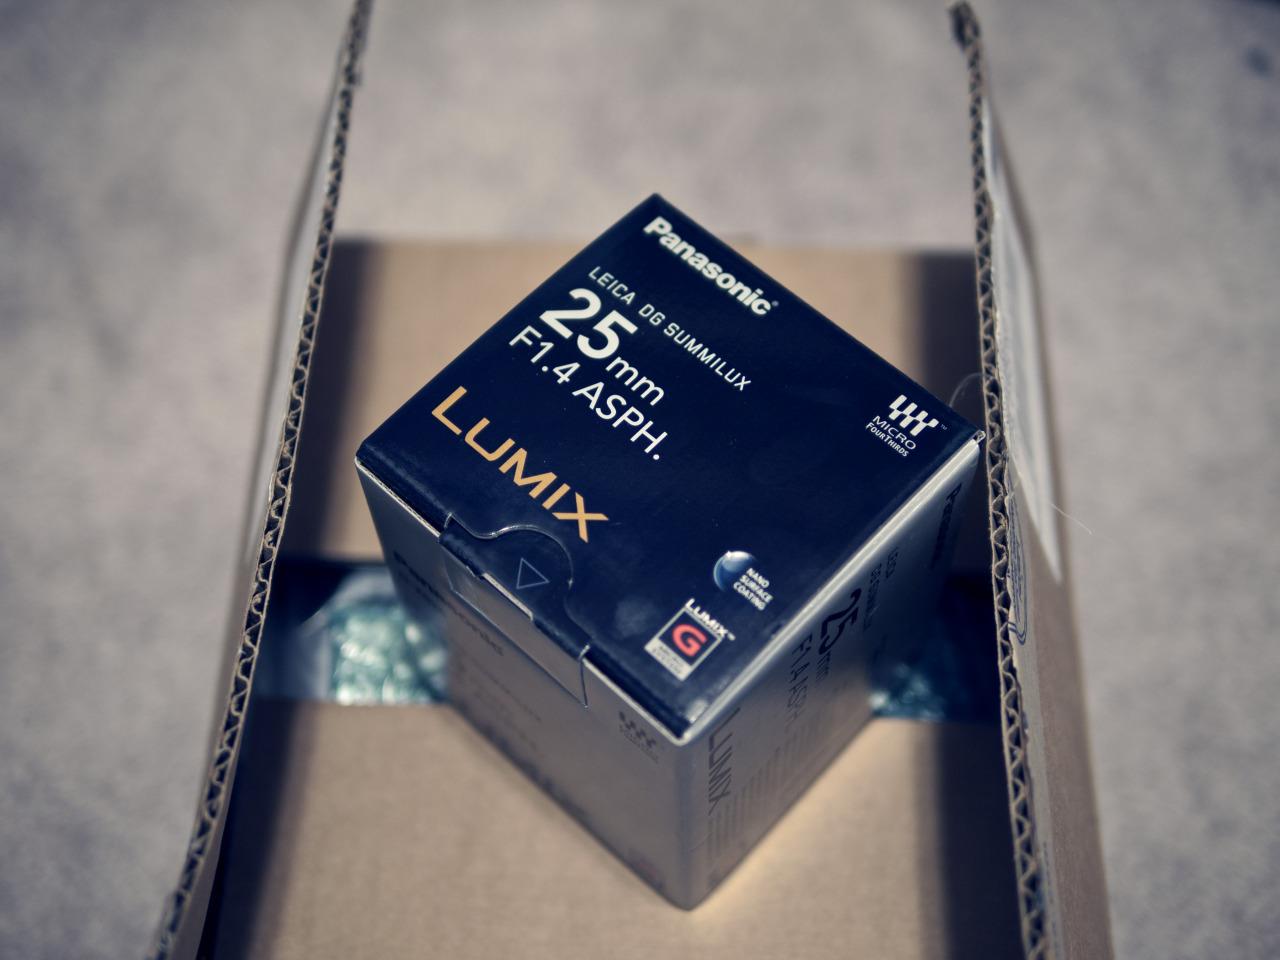 25mm f1.4